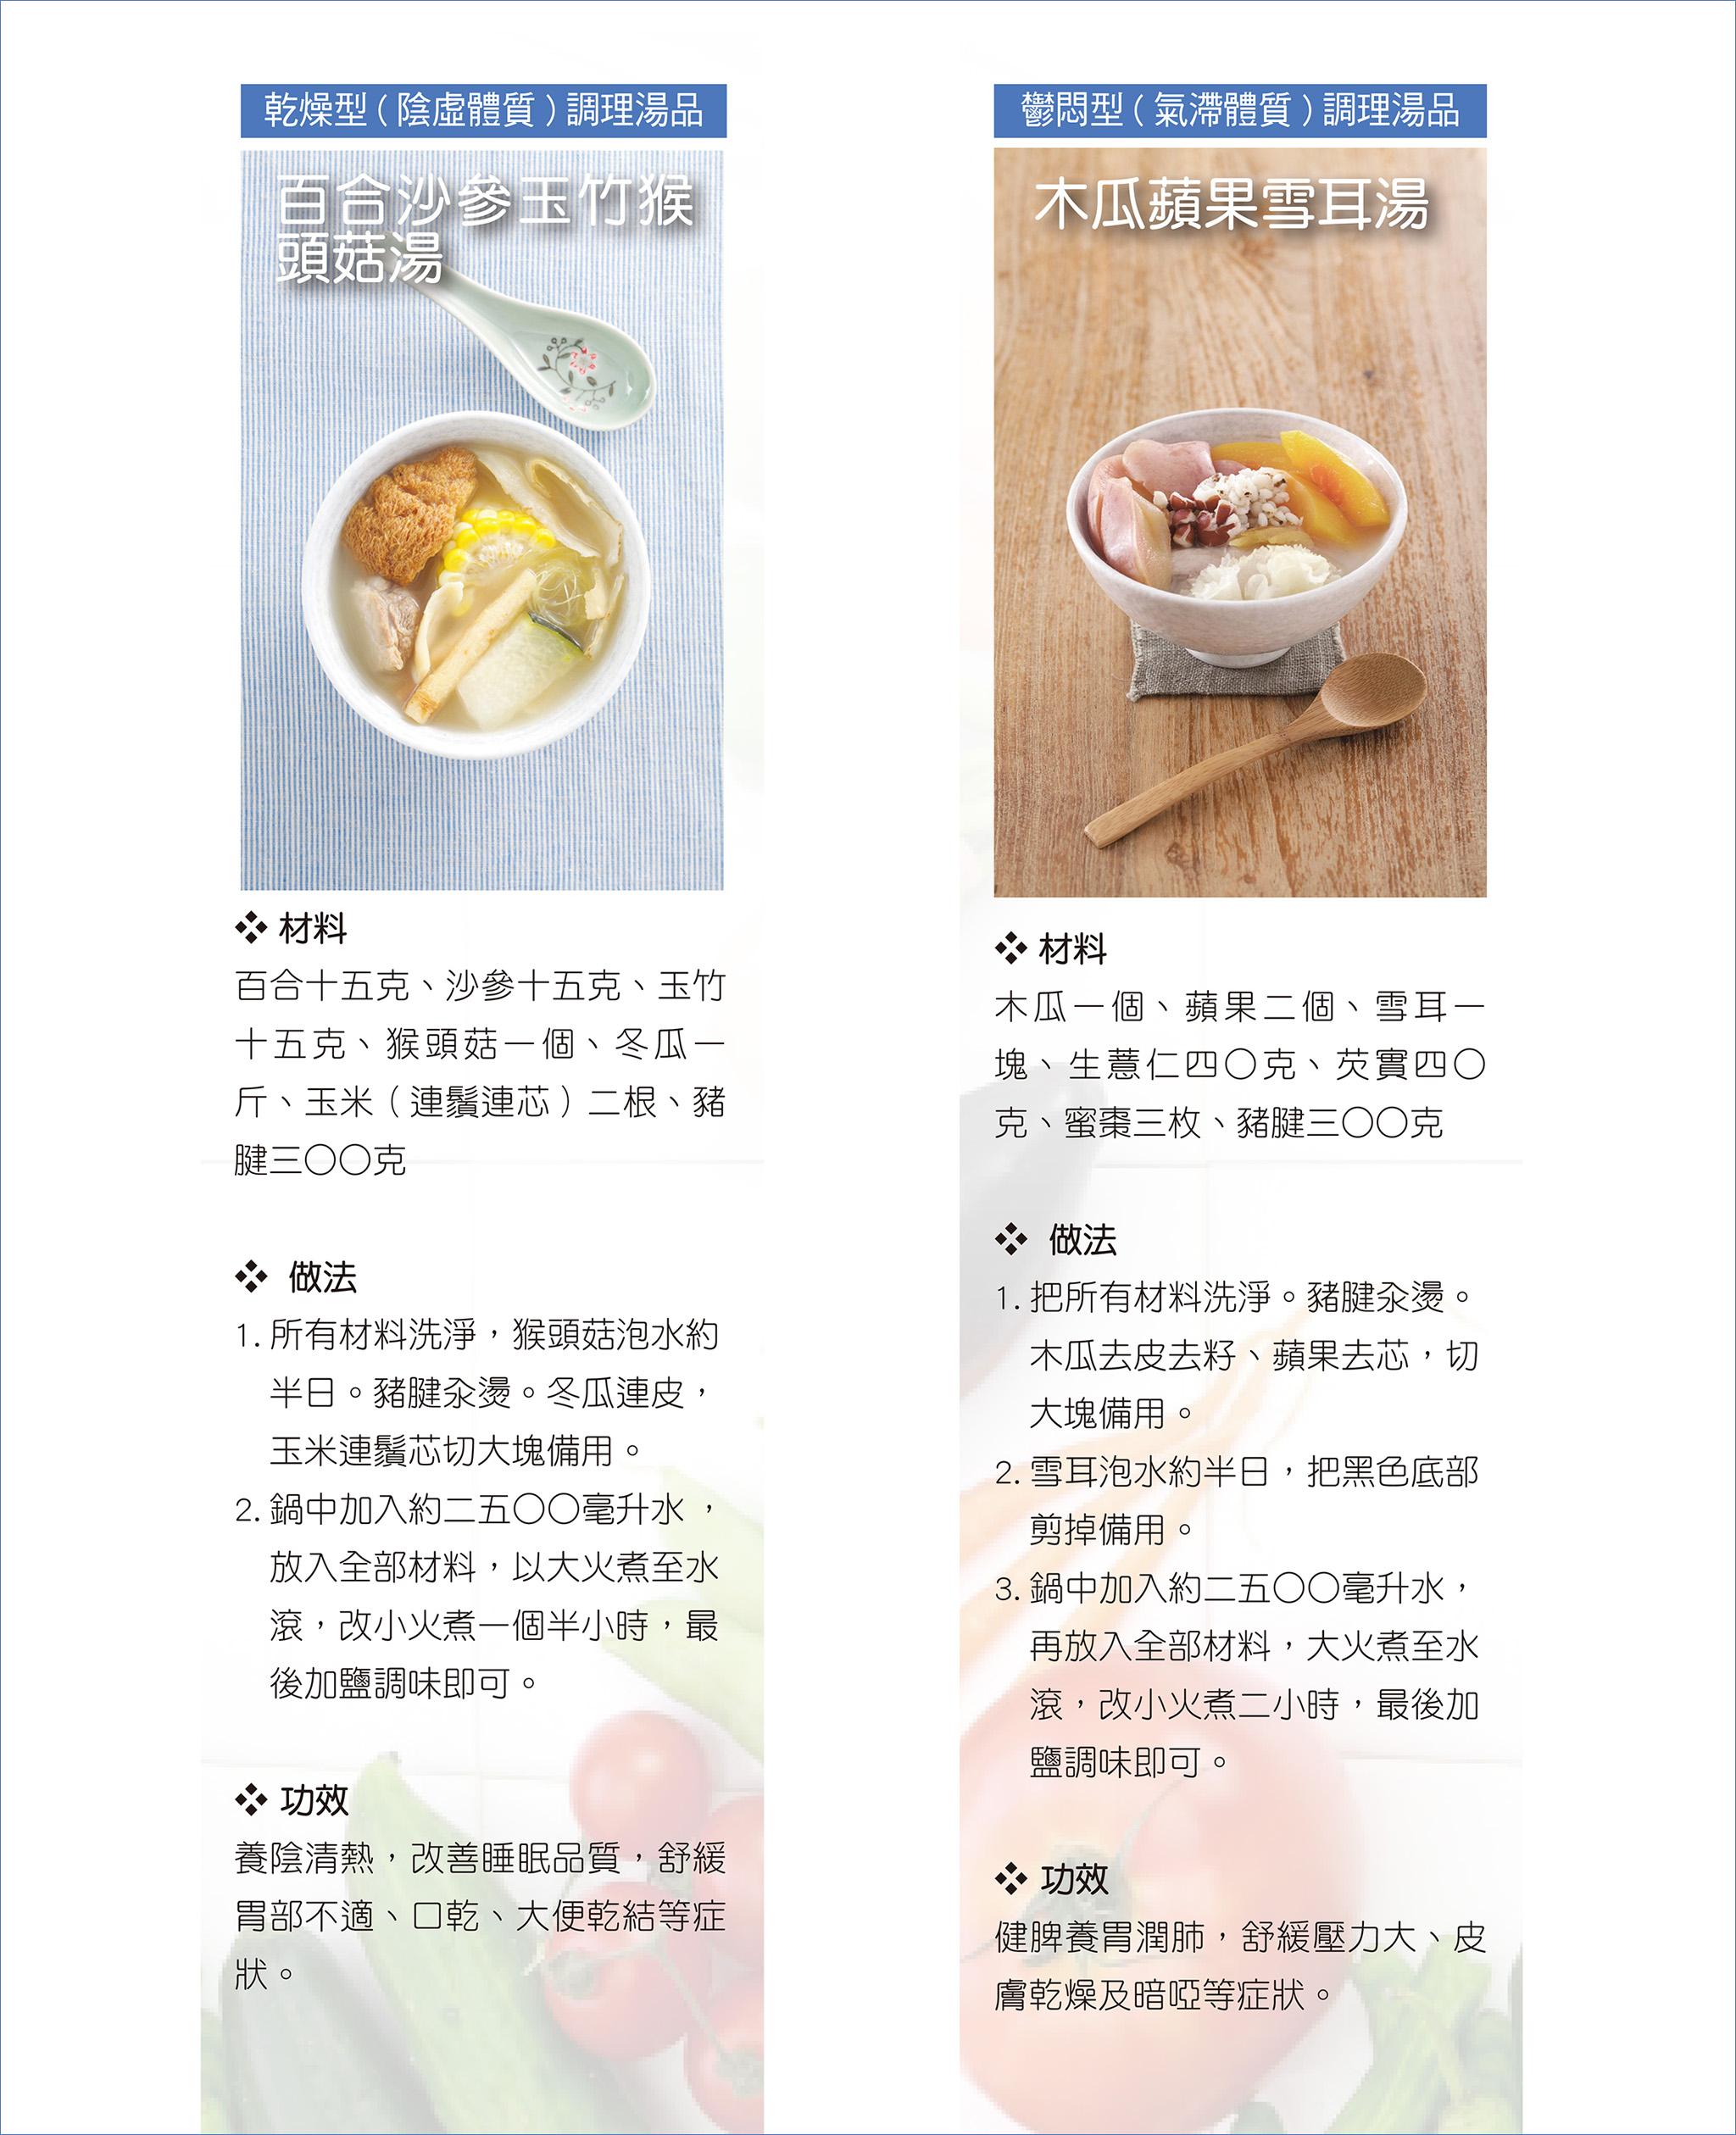 左:百合沙參玉竹猴頭菇湯、右:木瓜蘋果雪耳湯。